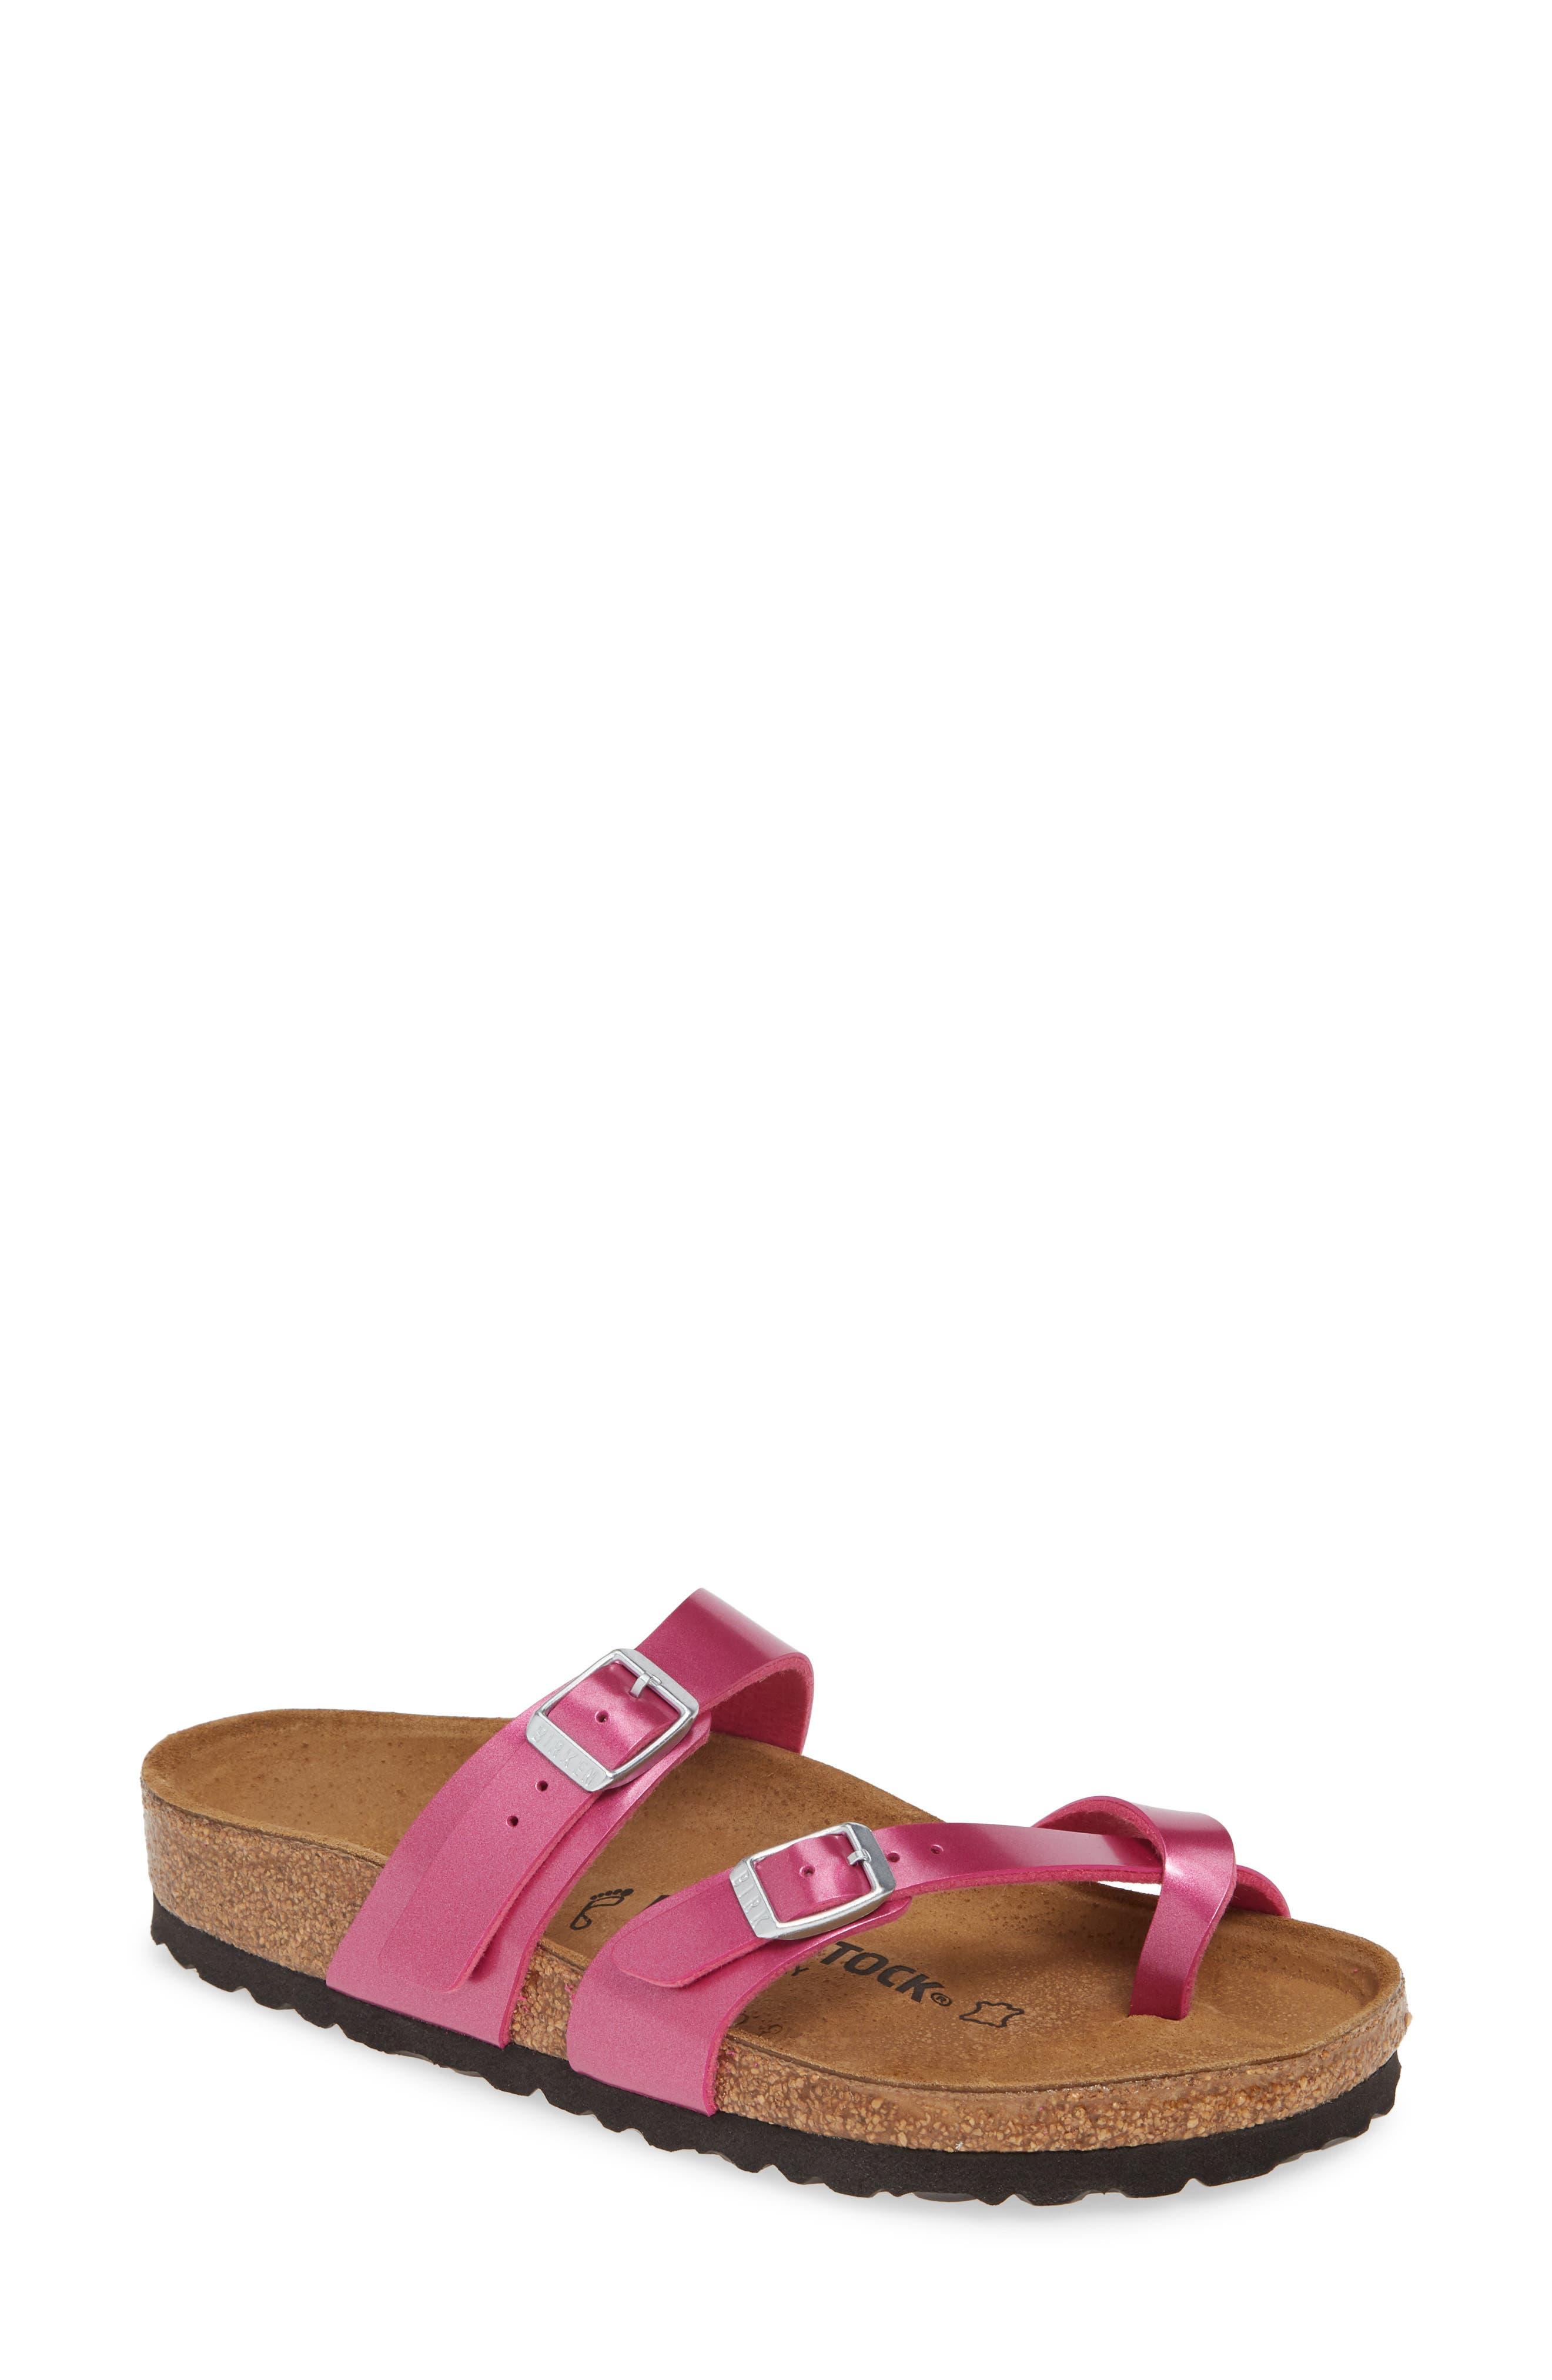 87d2c26af9cd44 Pink Birkenstock Sandals